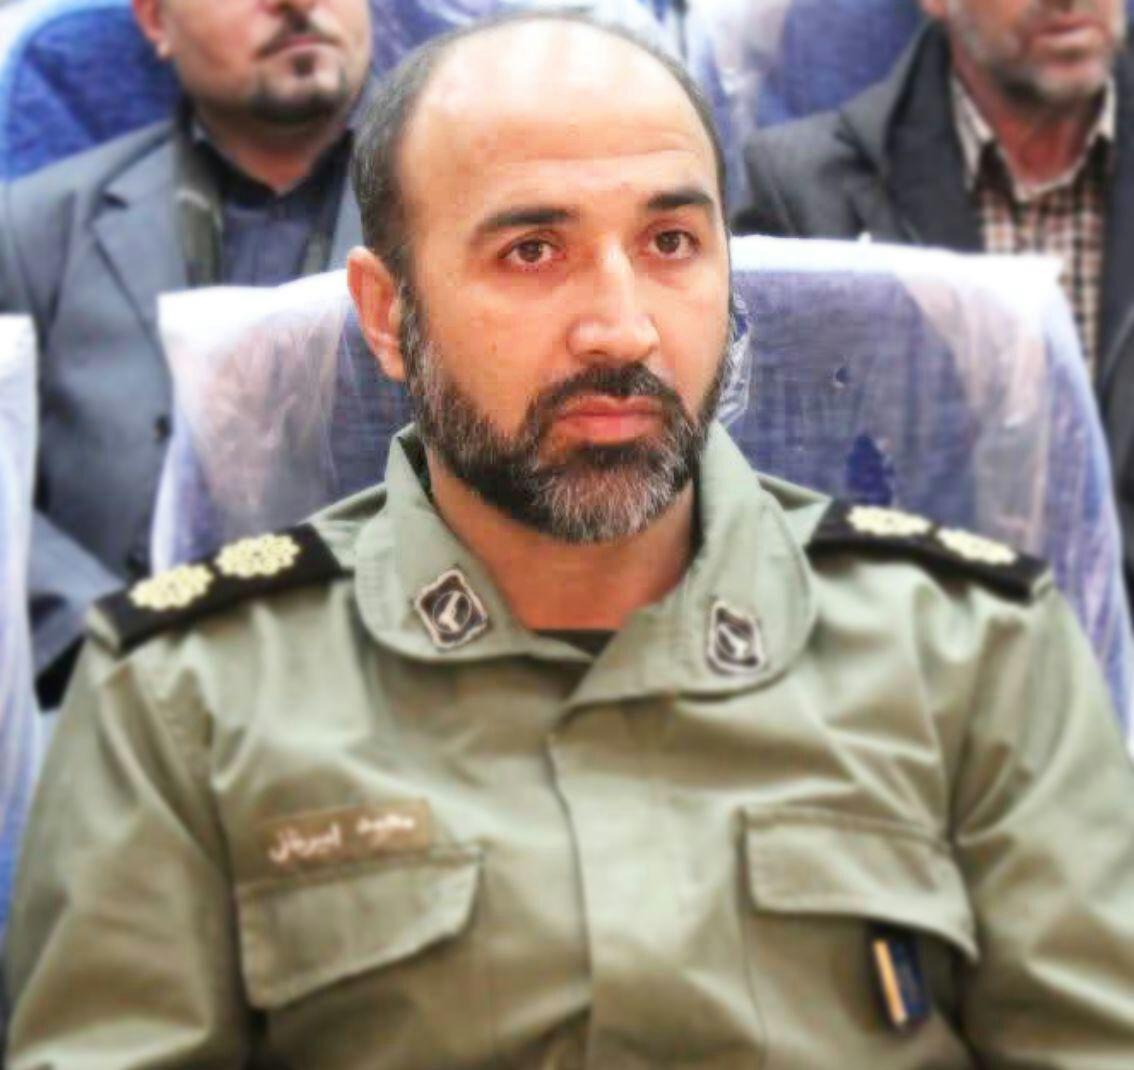 محمد امیرخانی فرمانده سپاه ناحیه خرم دره شد